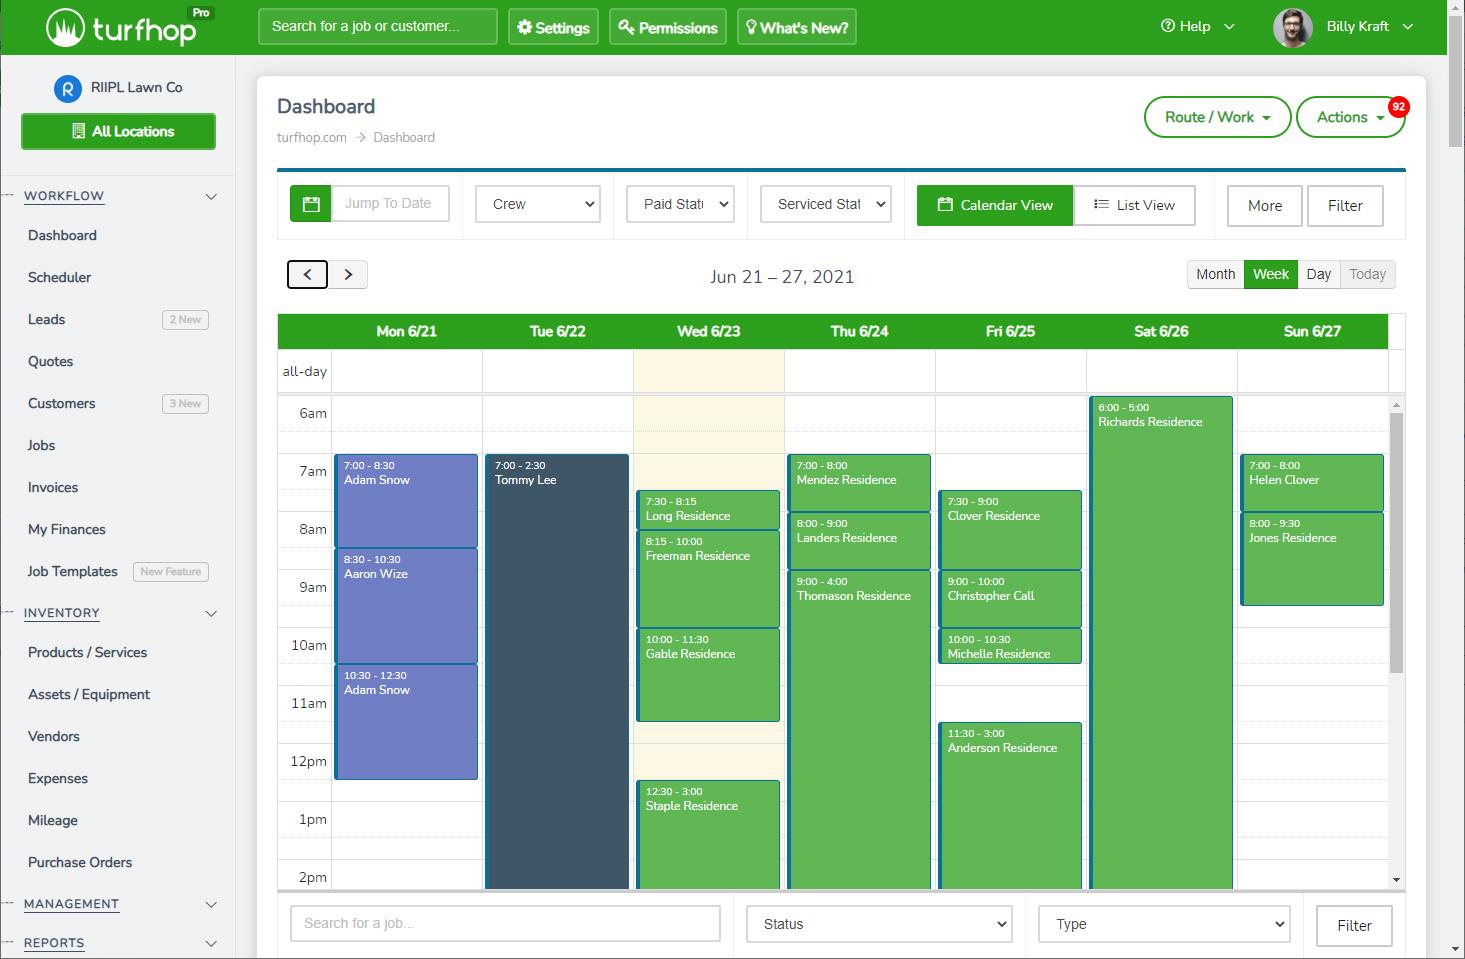 Calendar View Of Jobs - See a weekly breakdown of job schedule